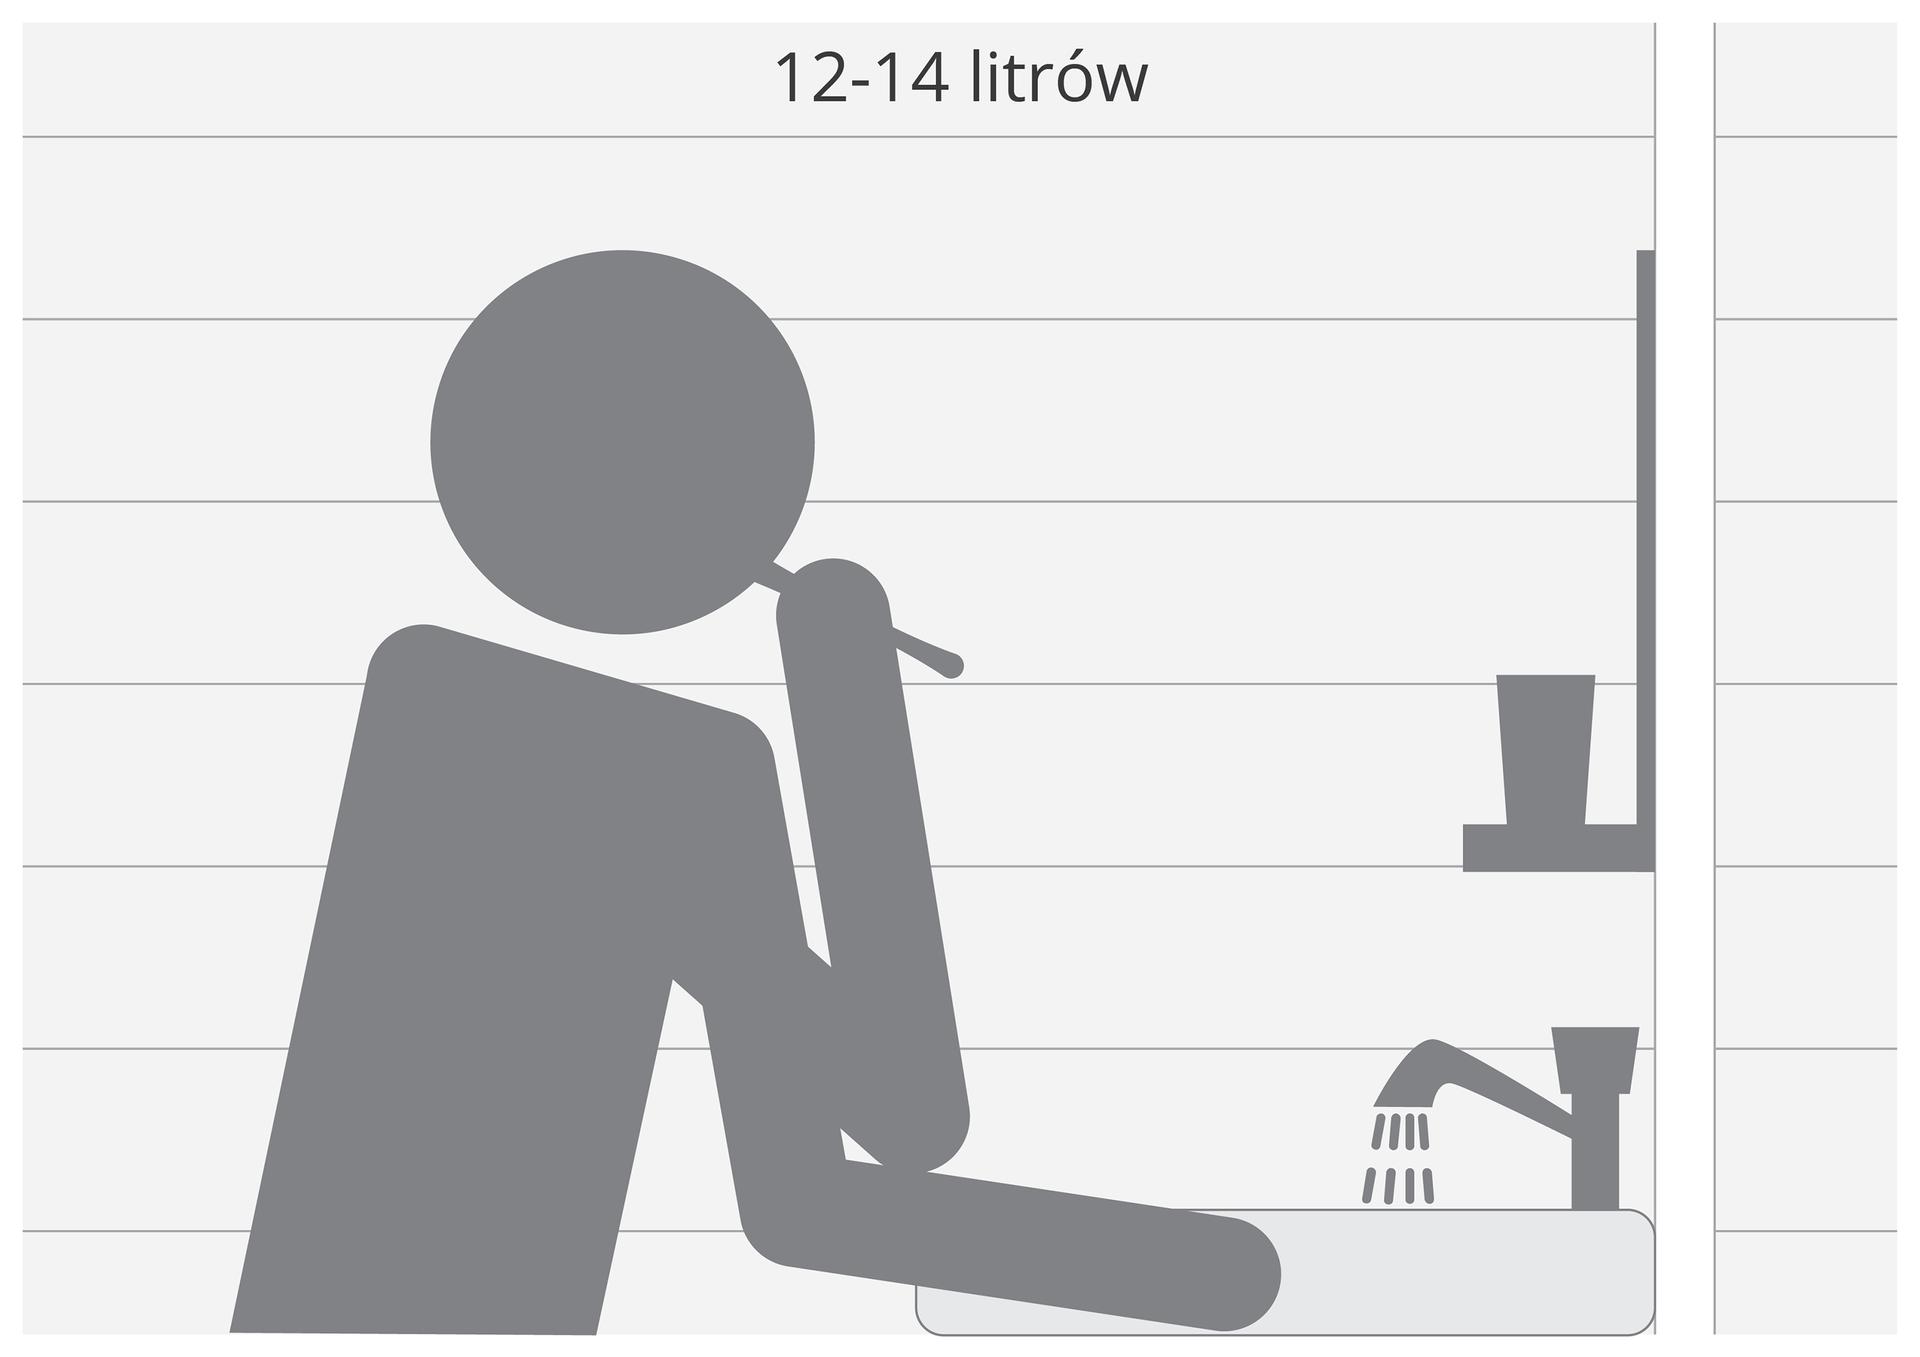 Trzecia ilustracja wgalerii. Przedstawia czarno biały symboliczny rysunek człowieka myjącego zęby przy umywalce, której kran jest przez cały czas odkręcony. Nad rysunkiem napis: od 12 do 14 litrów.